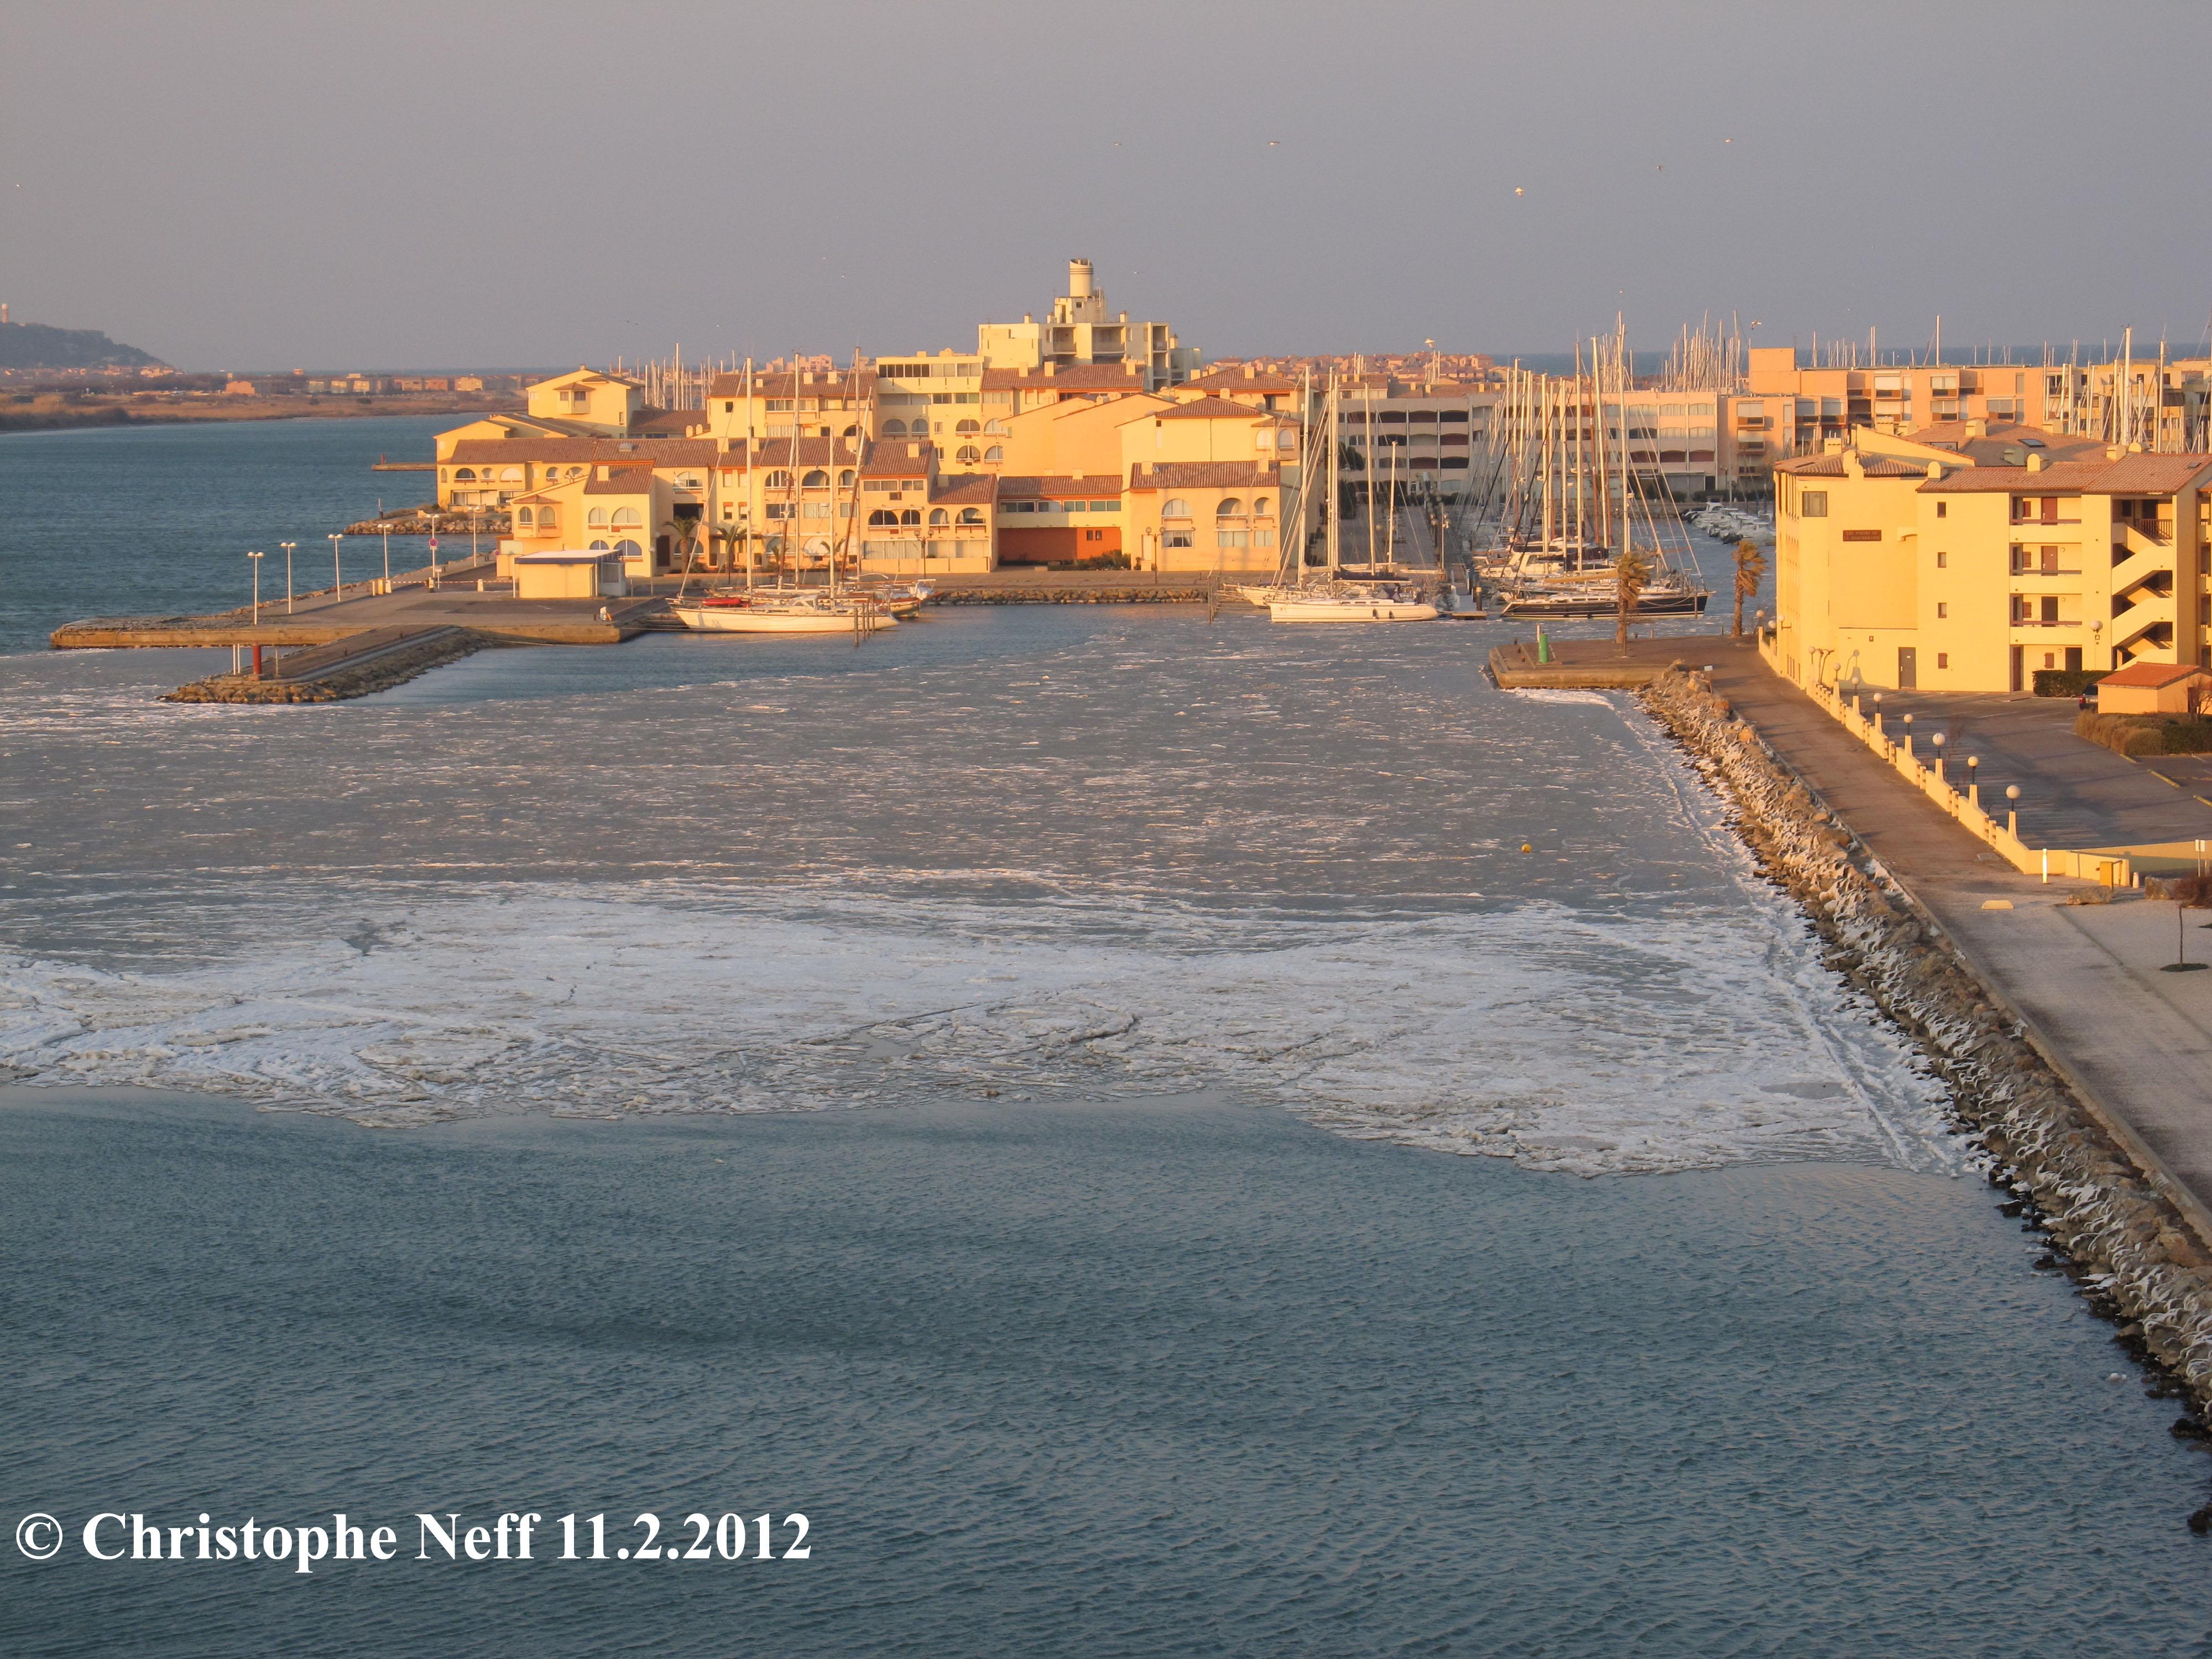 La banquise bloque le Port de Port Leucate 11.2.2012